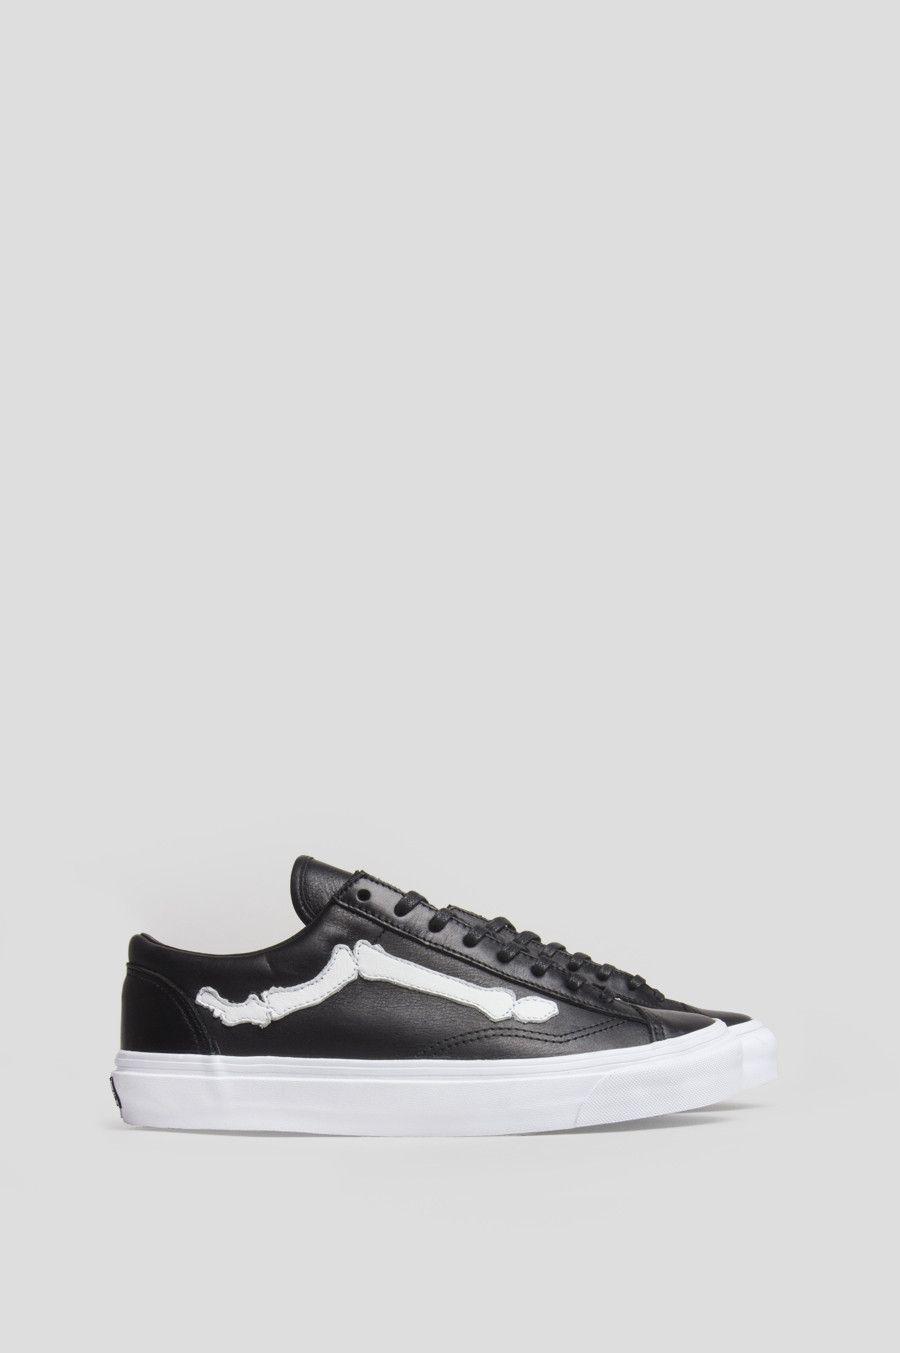 123d4d4130 Vans x karl lagerfeld classic slip on black black